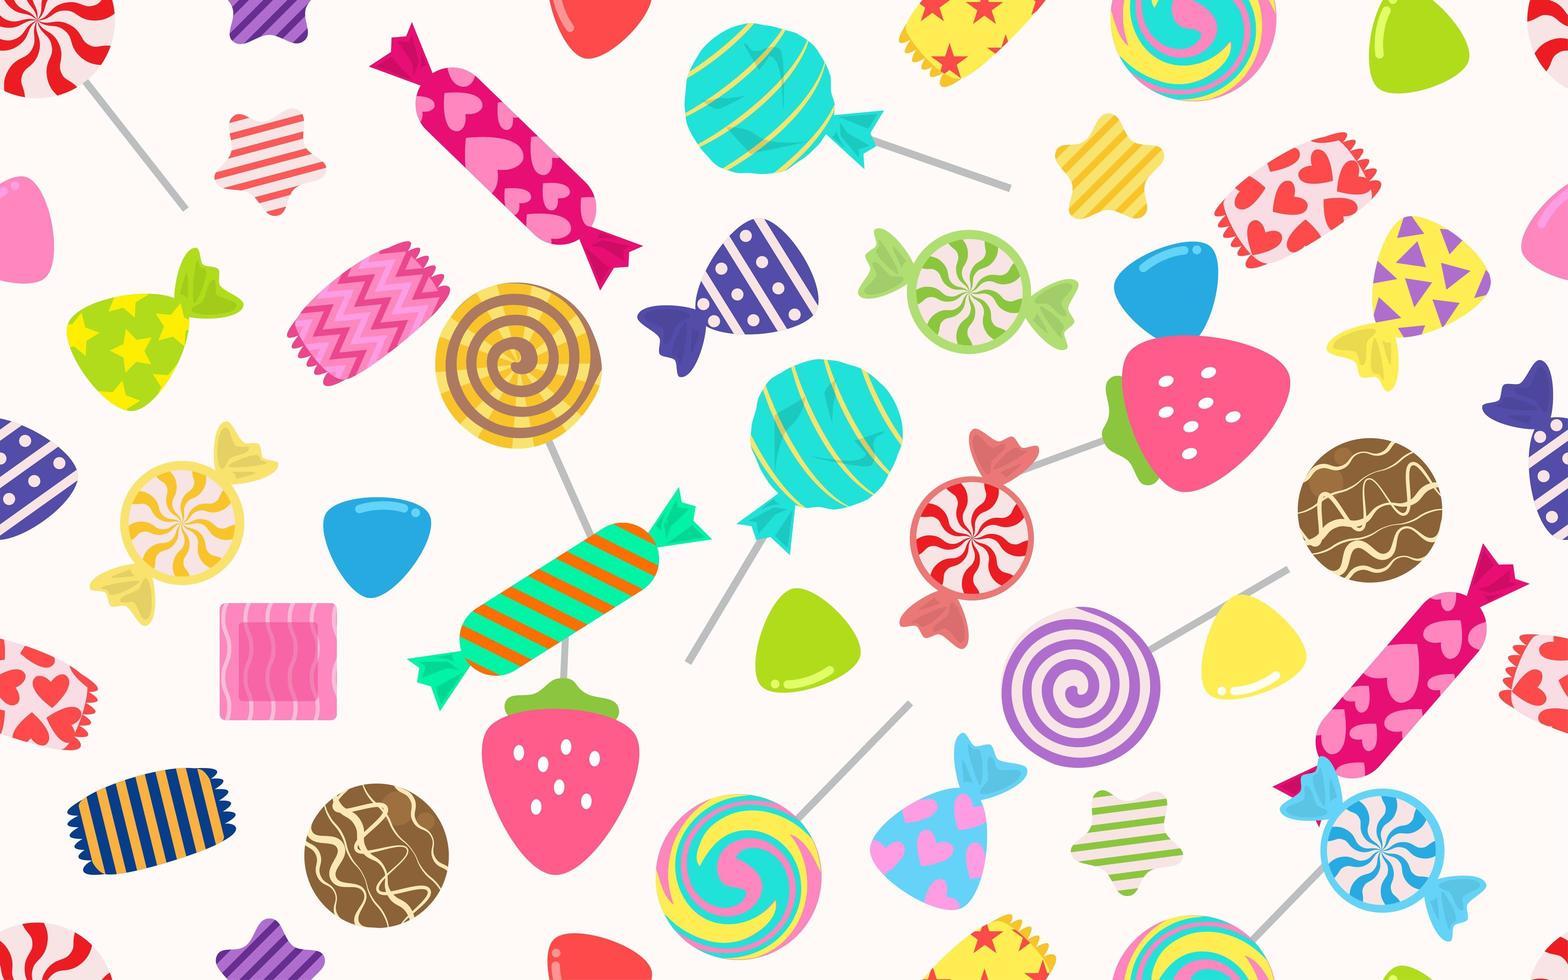 sömlösa mönster av godis och jordgubbar vektor